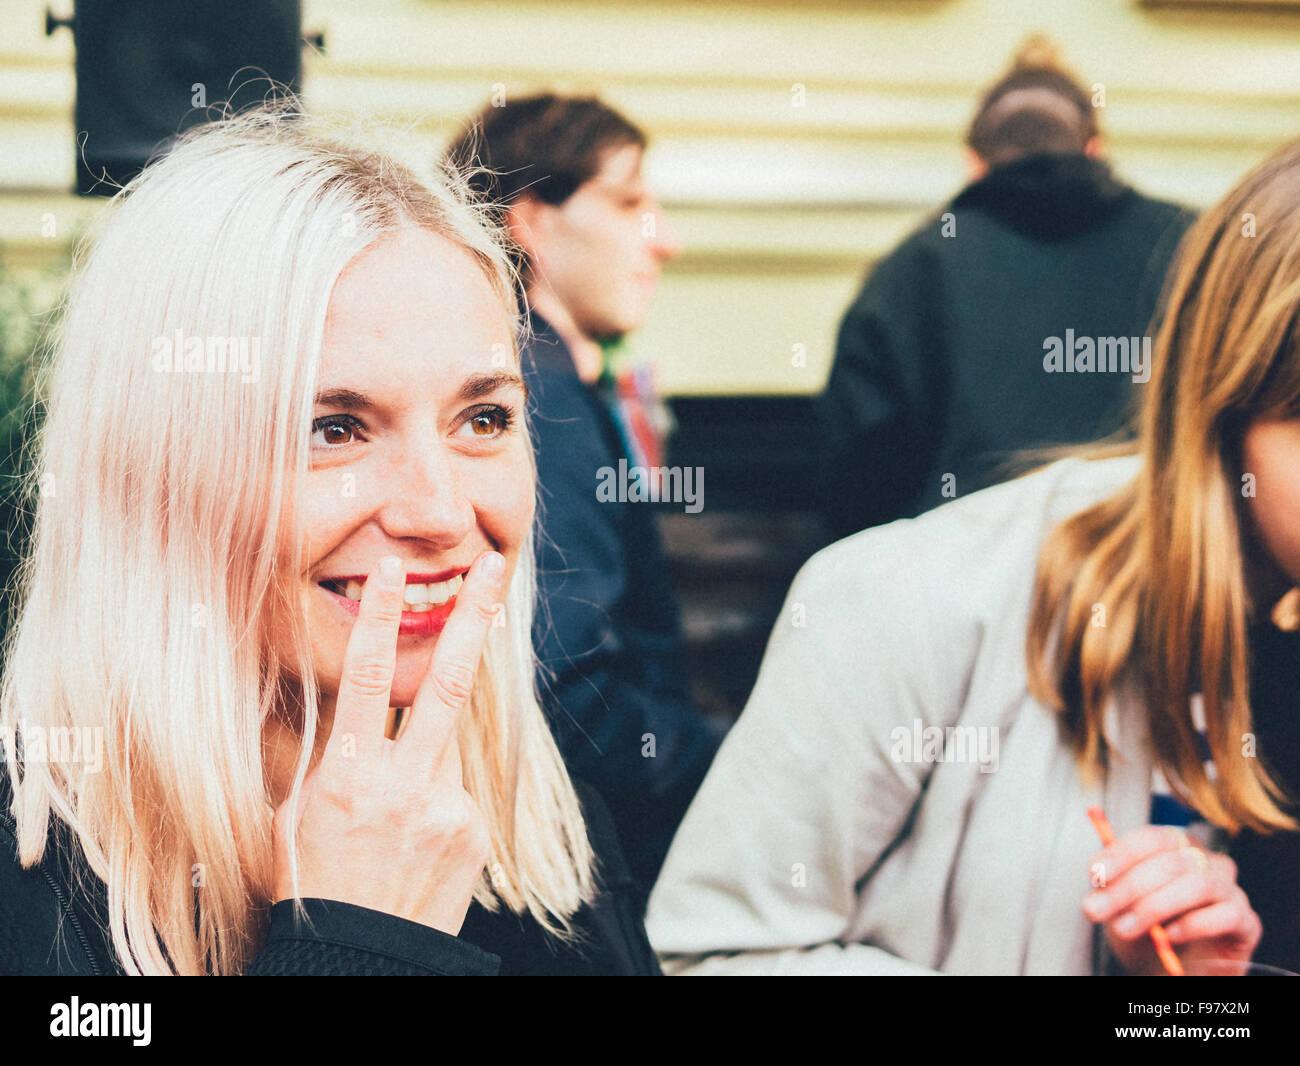 Schöne junge Frau mit Rauchen Geste Stockbild